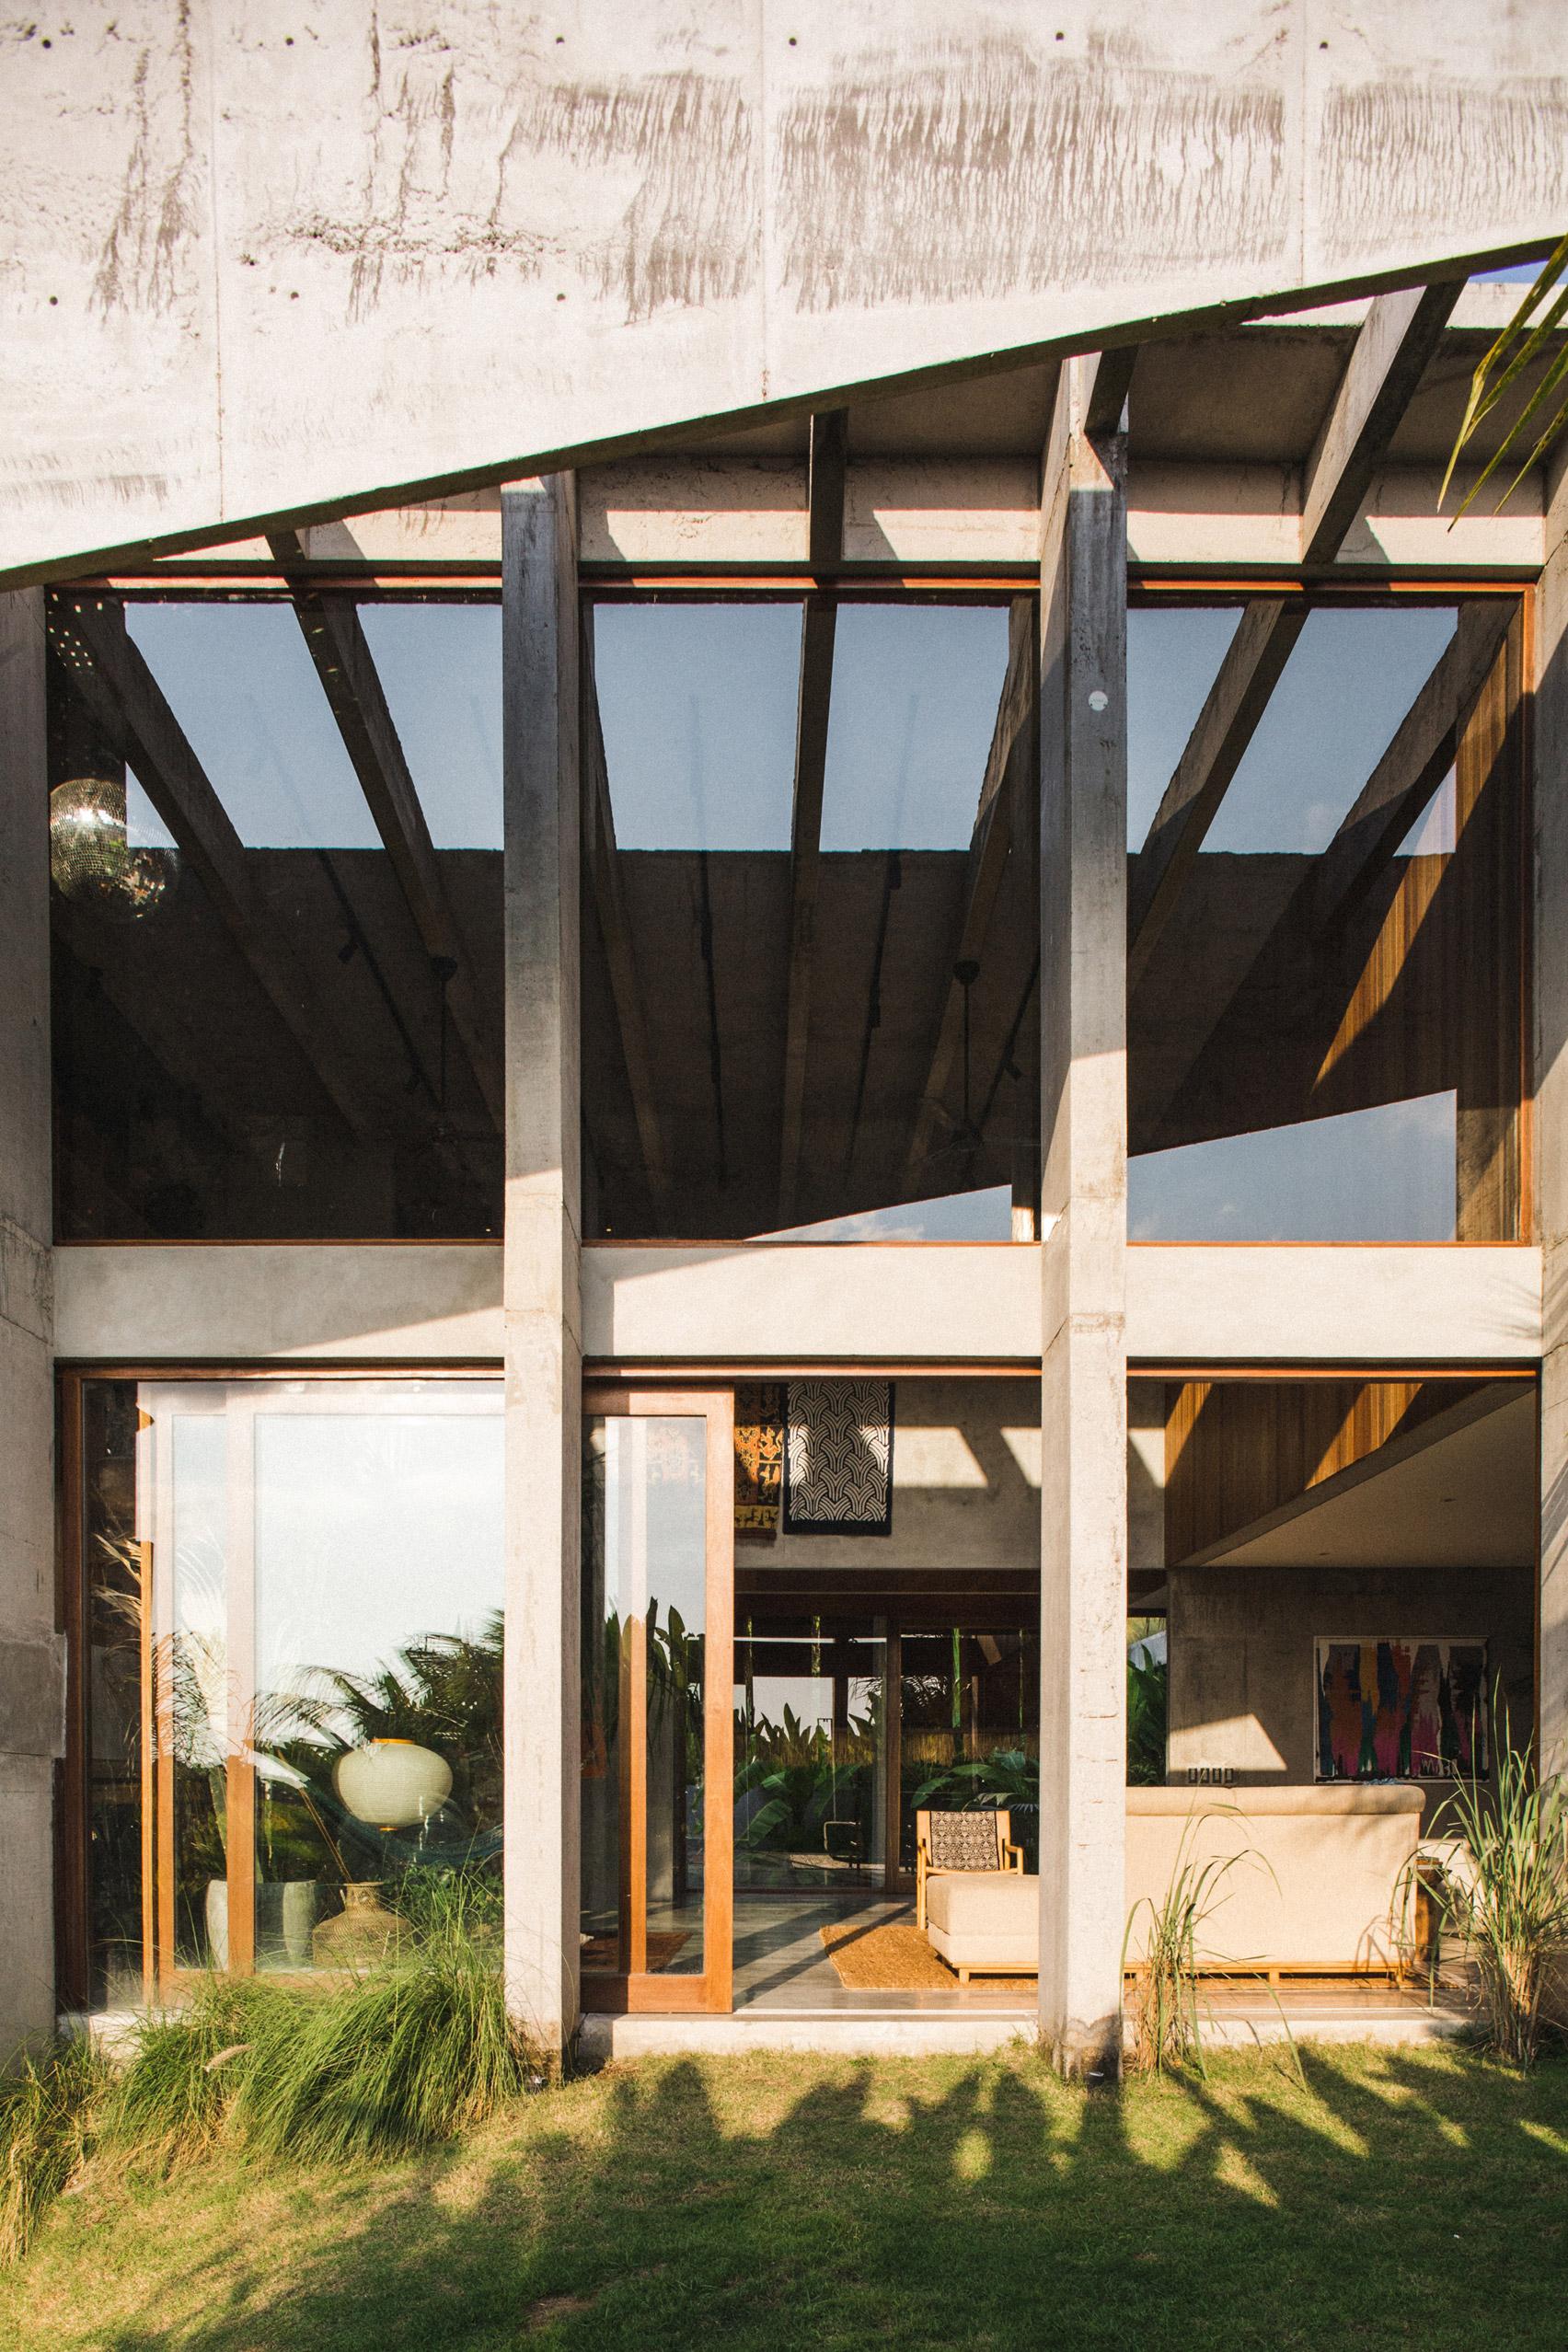 Ngôi nhà đầy sắc màu nhiệt đới với cây xanh phủ kín mọi góc nhìn - Ảnh 5.